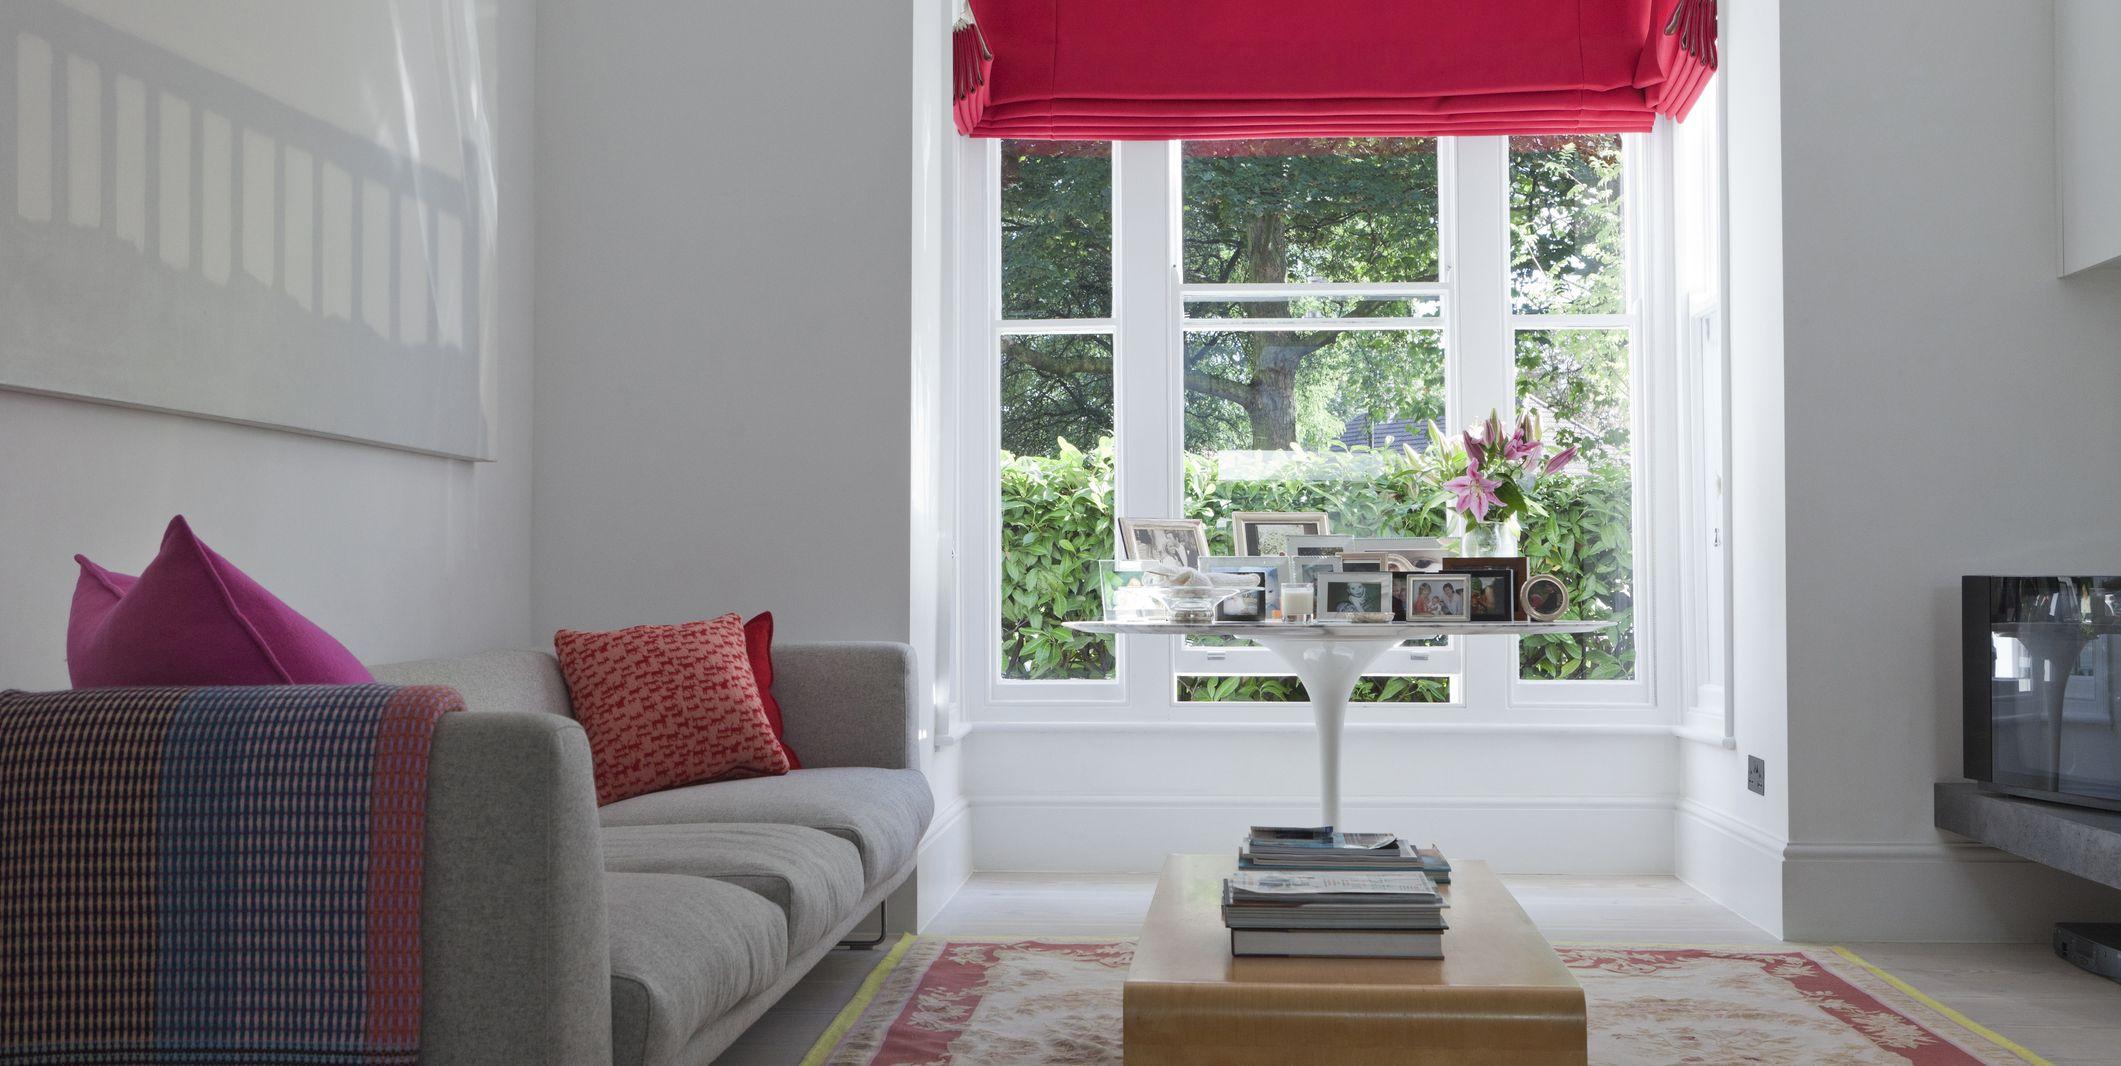 Window detail in living room of modern London family home, UK.